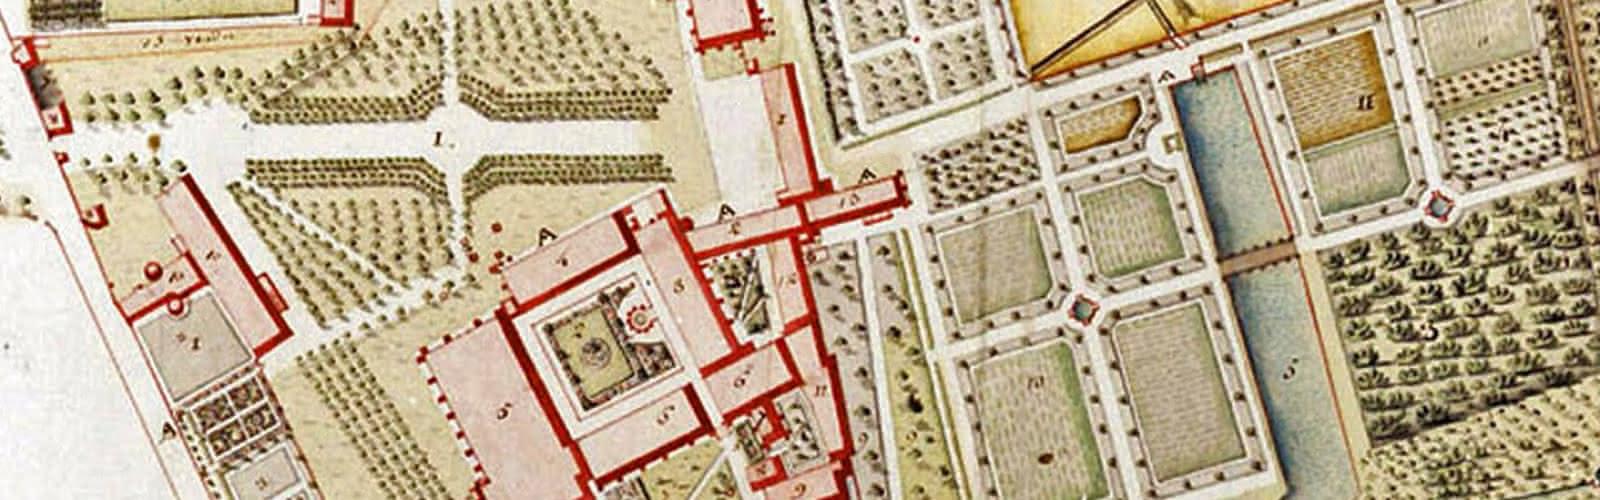 Plan 1792